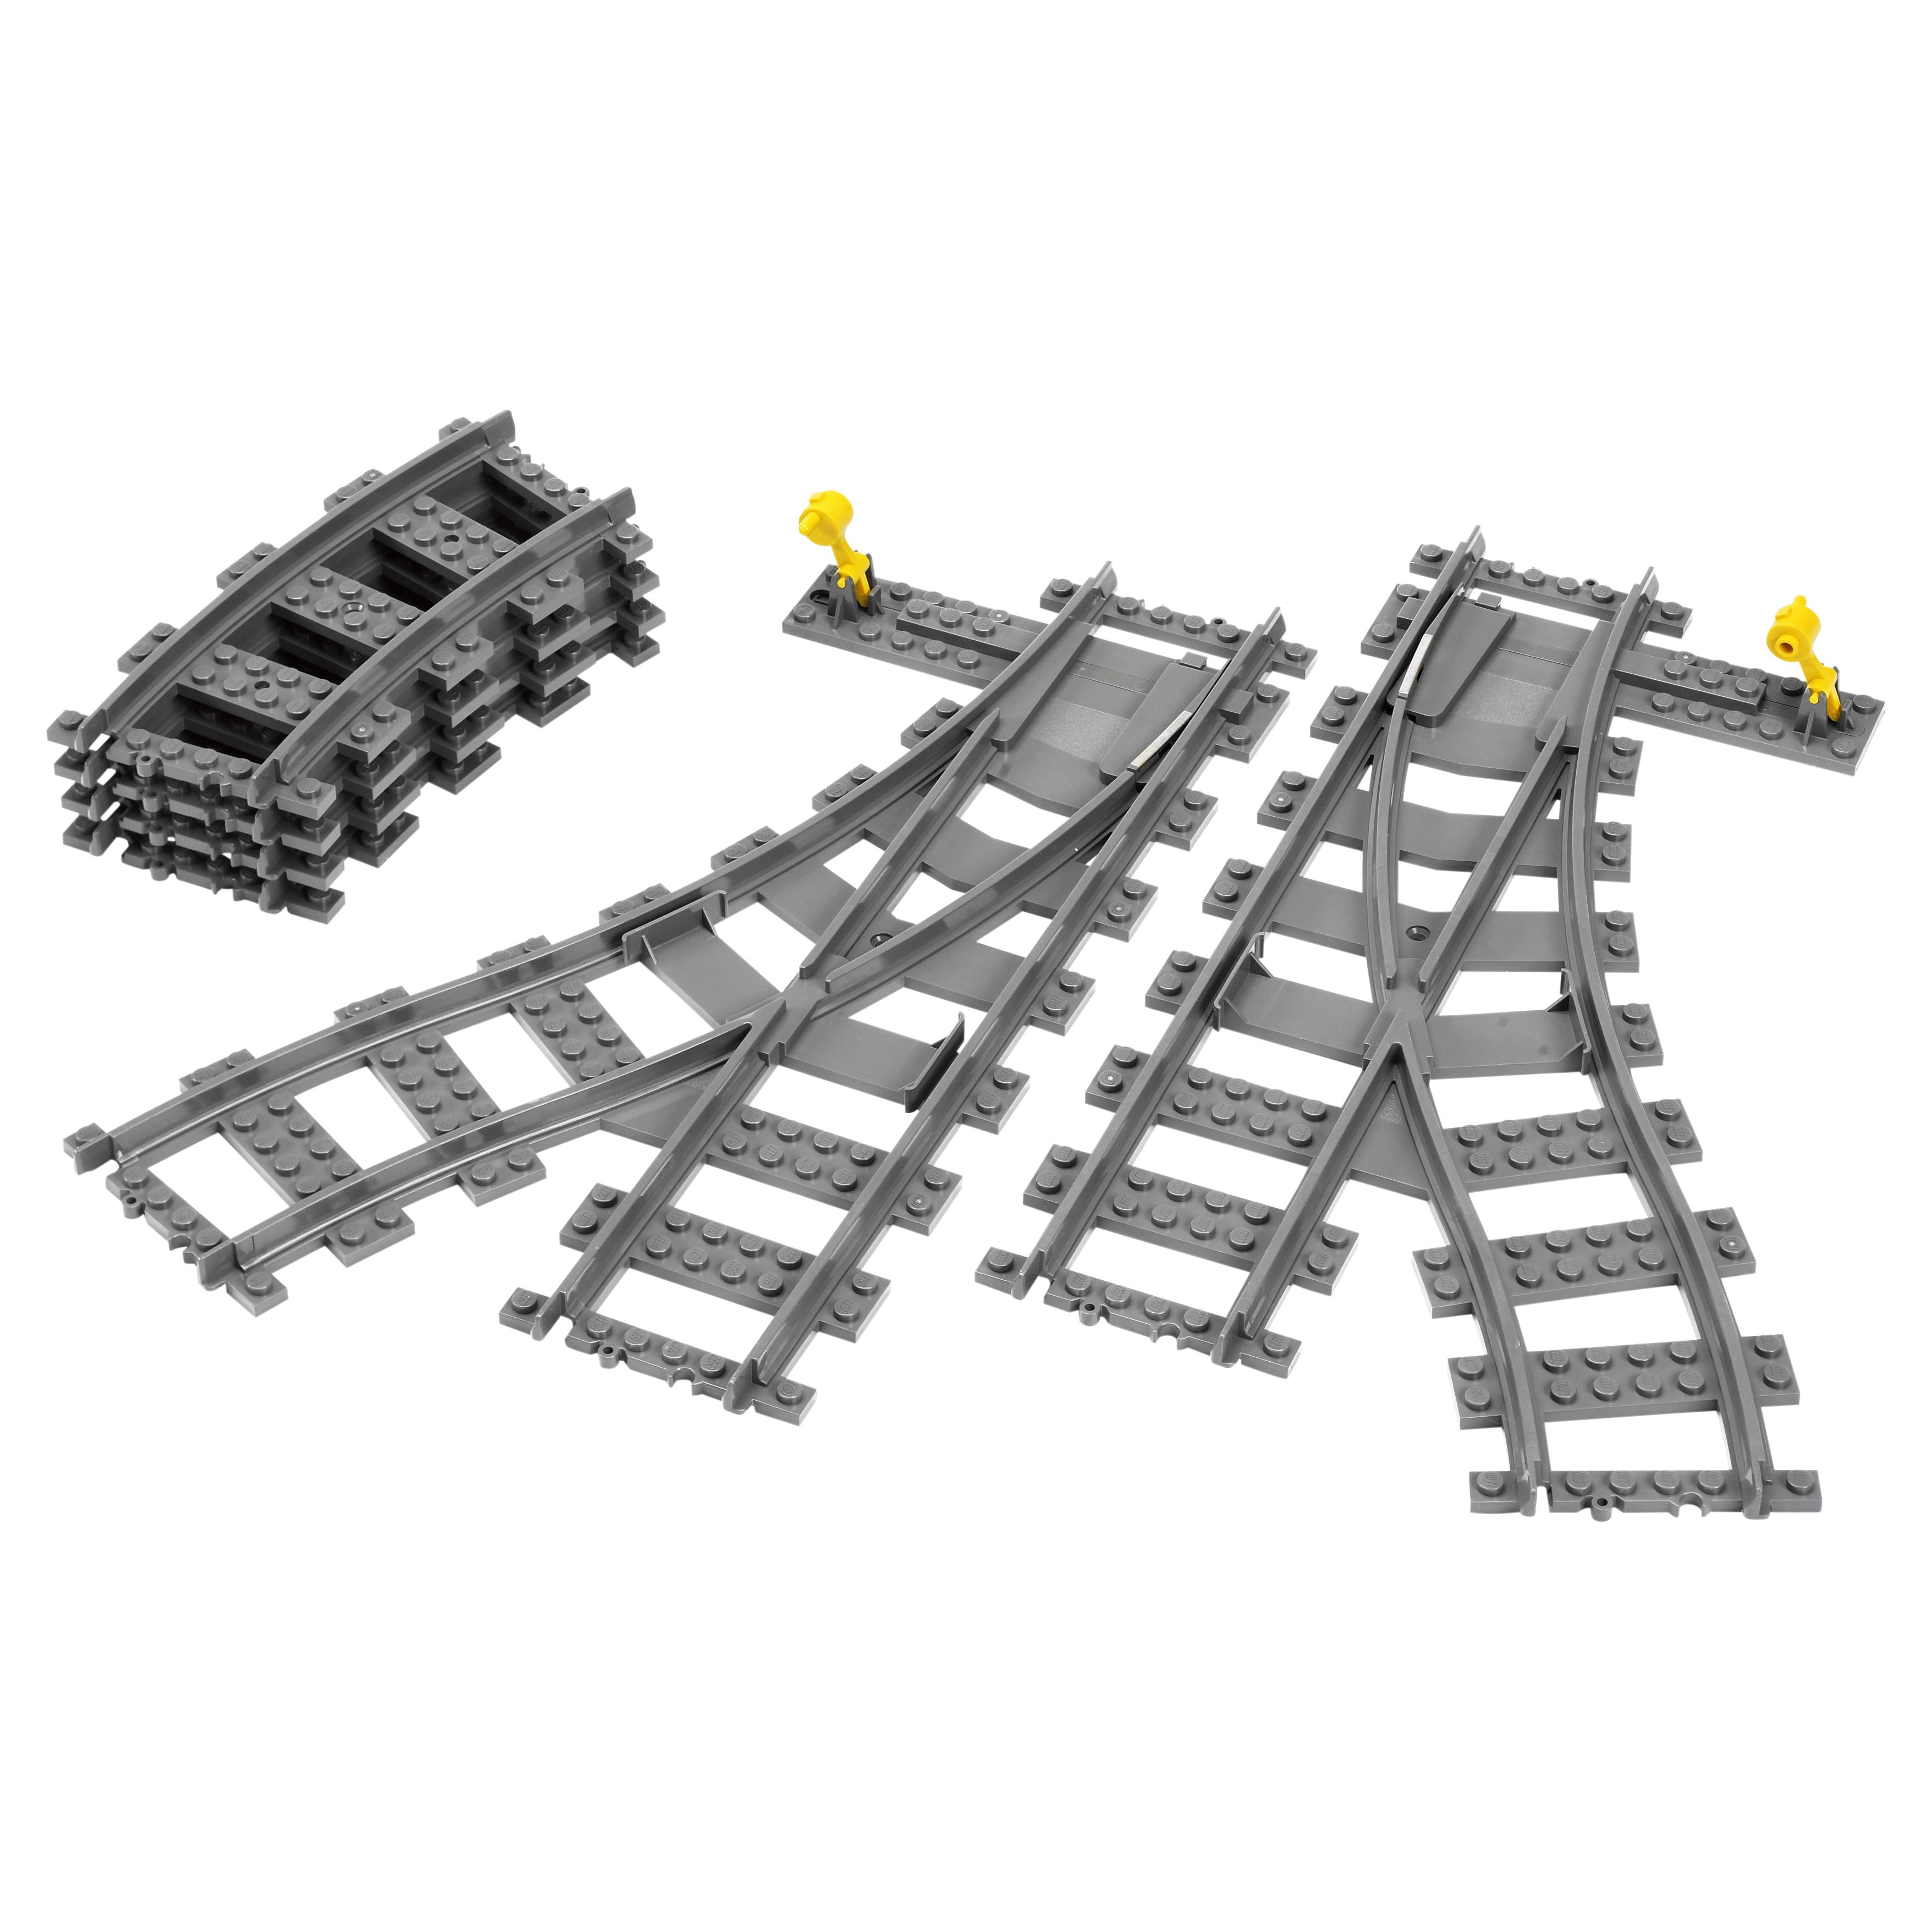 Купить Конструктор lego city trains железнодорожные стрелки 7895, Конструктор LEGO City Trains Железнодорожные стрелки (7895)